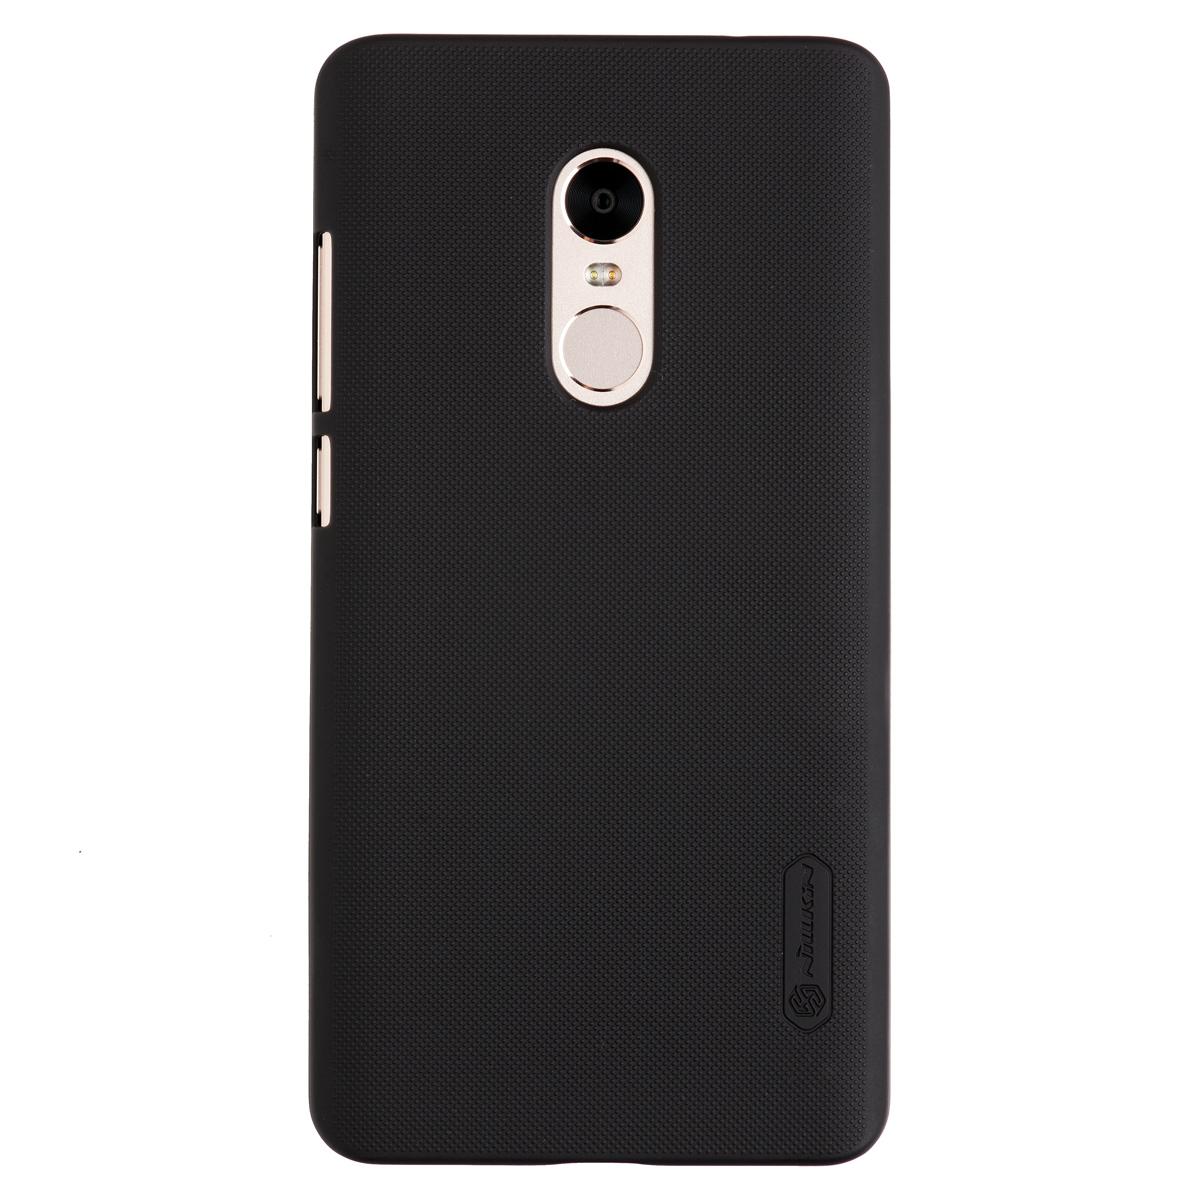 Купить Чехол для Redmi Note 4 бампер пластиковый Nillkin (Черный)